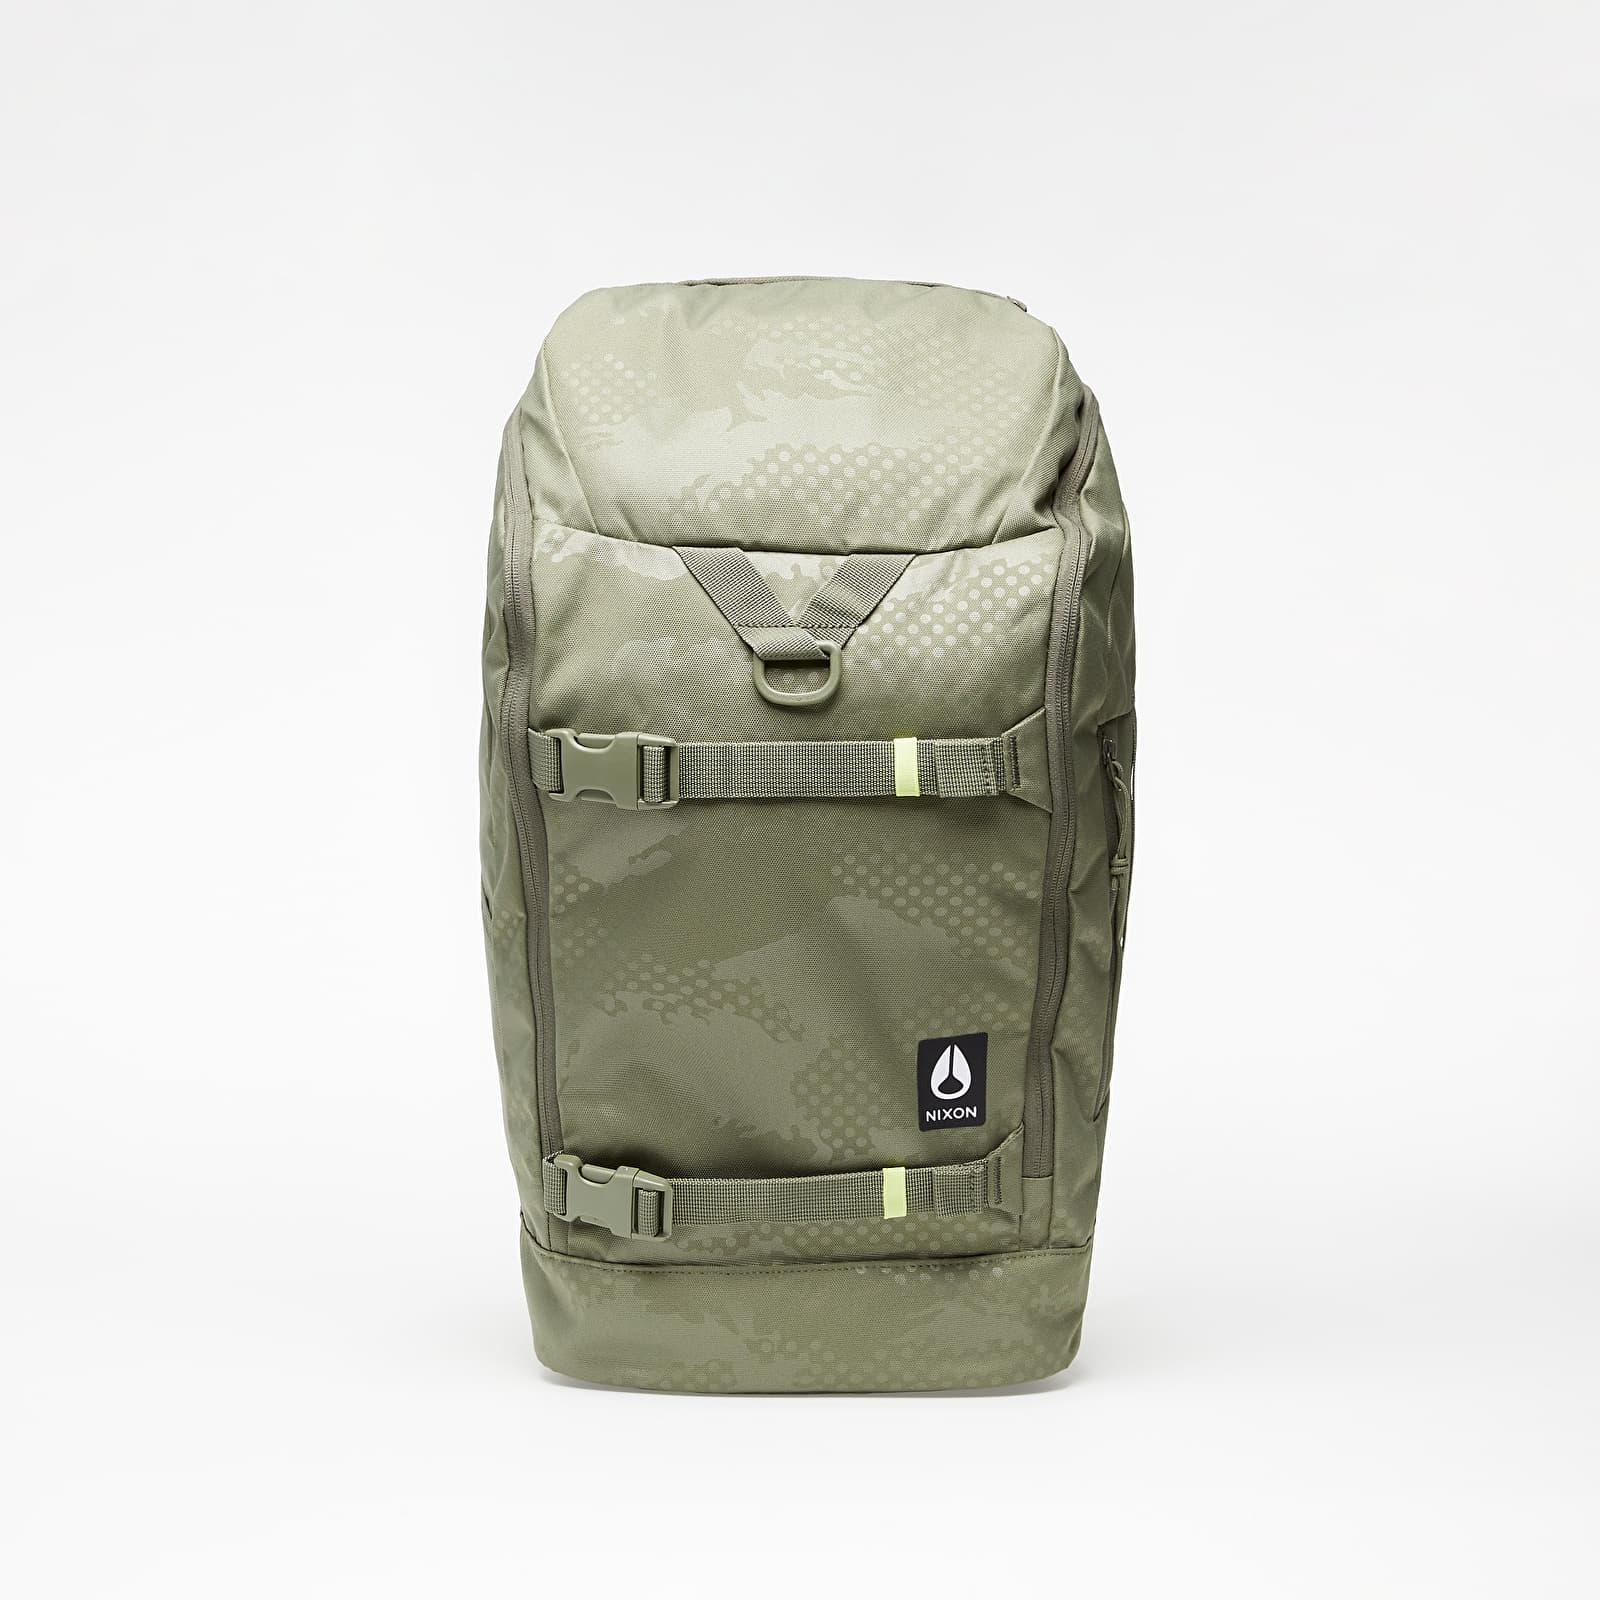 Rucsacuri Nixon Hauler 25L Backpack Olive Dot Camo